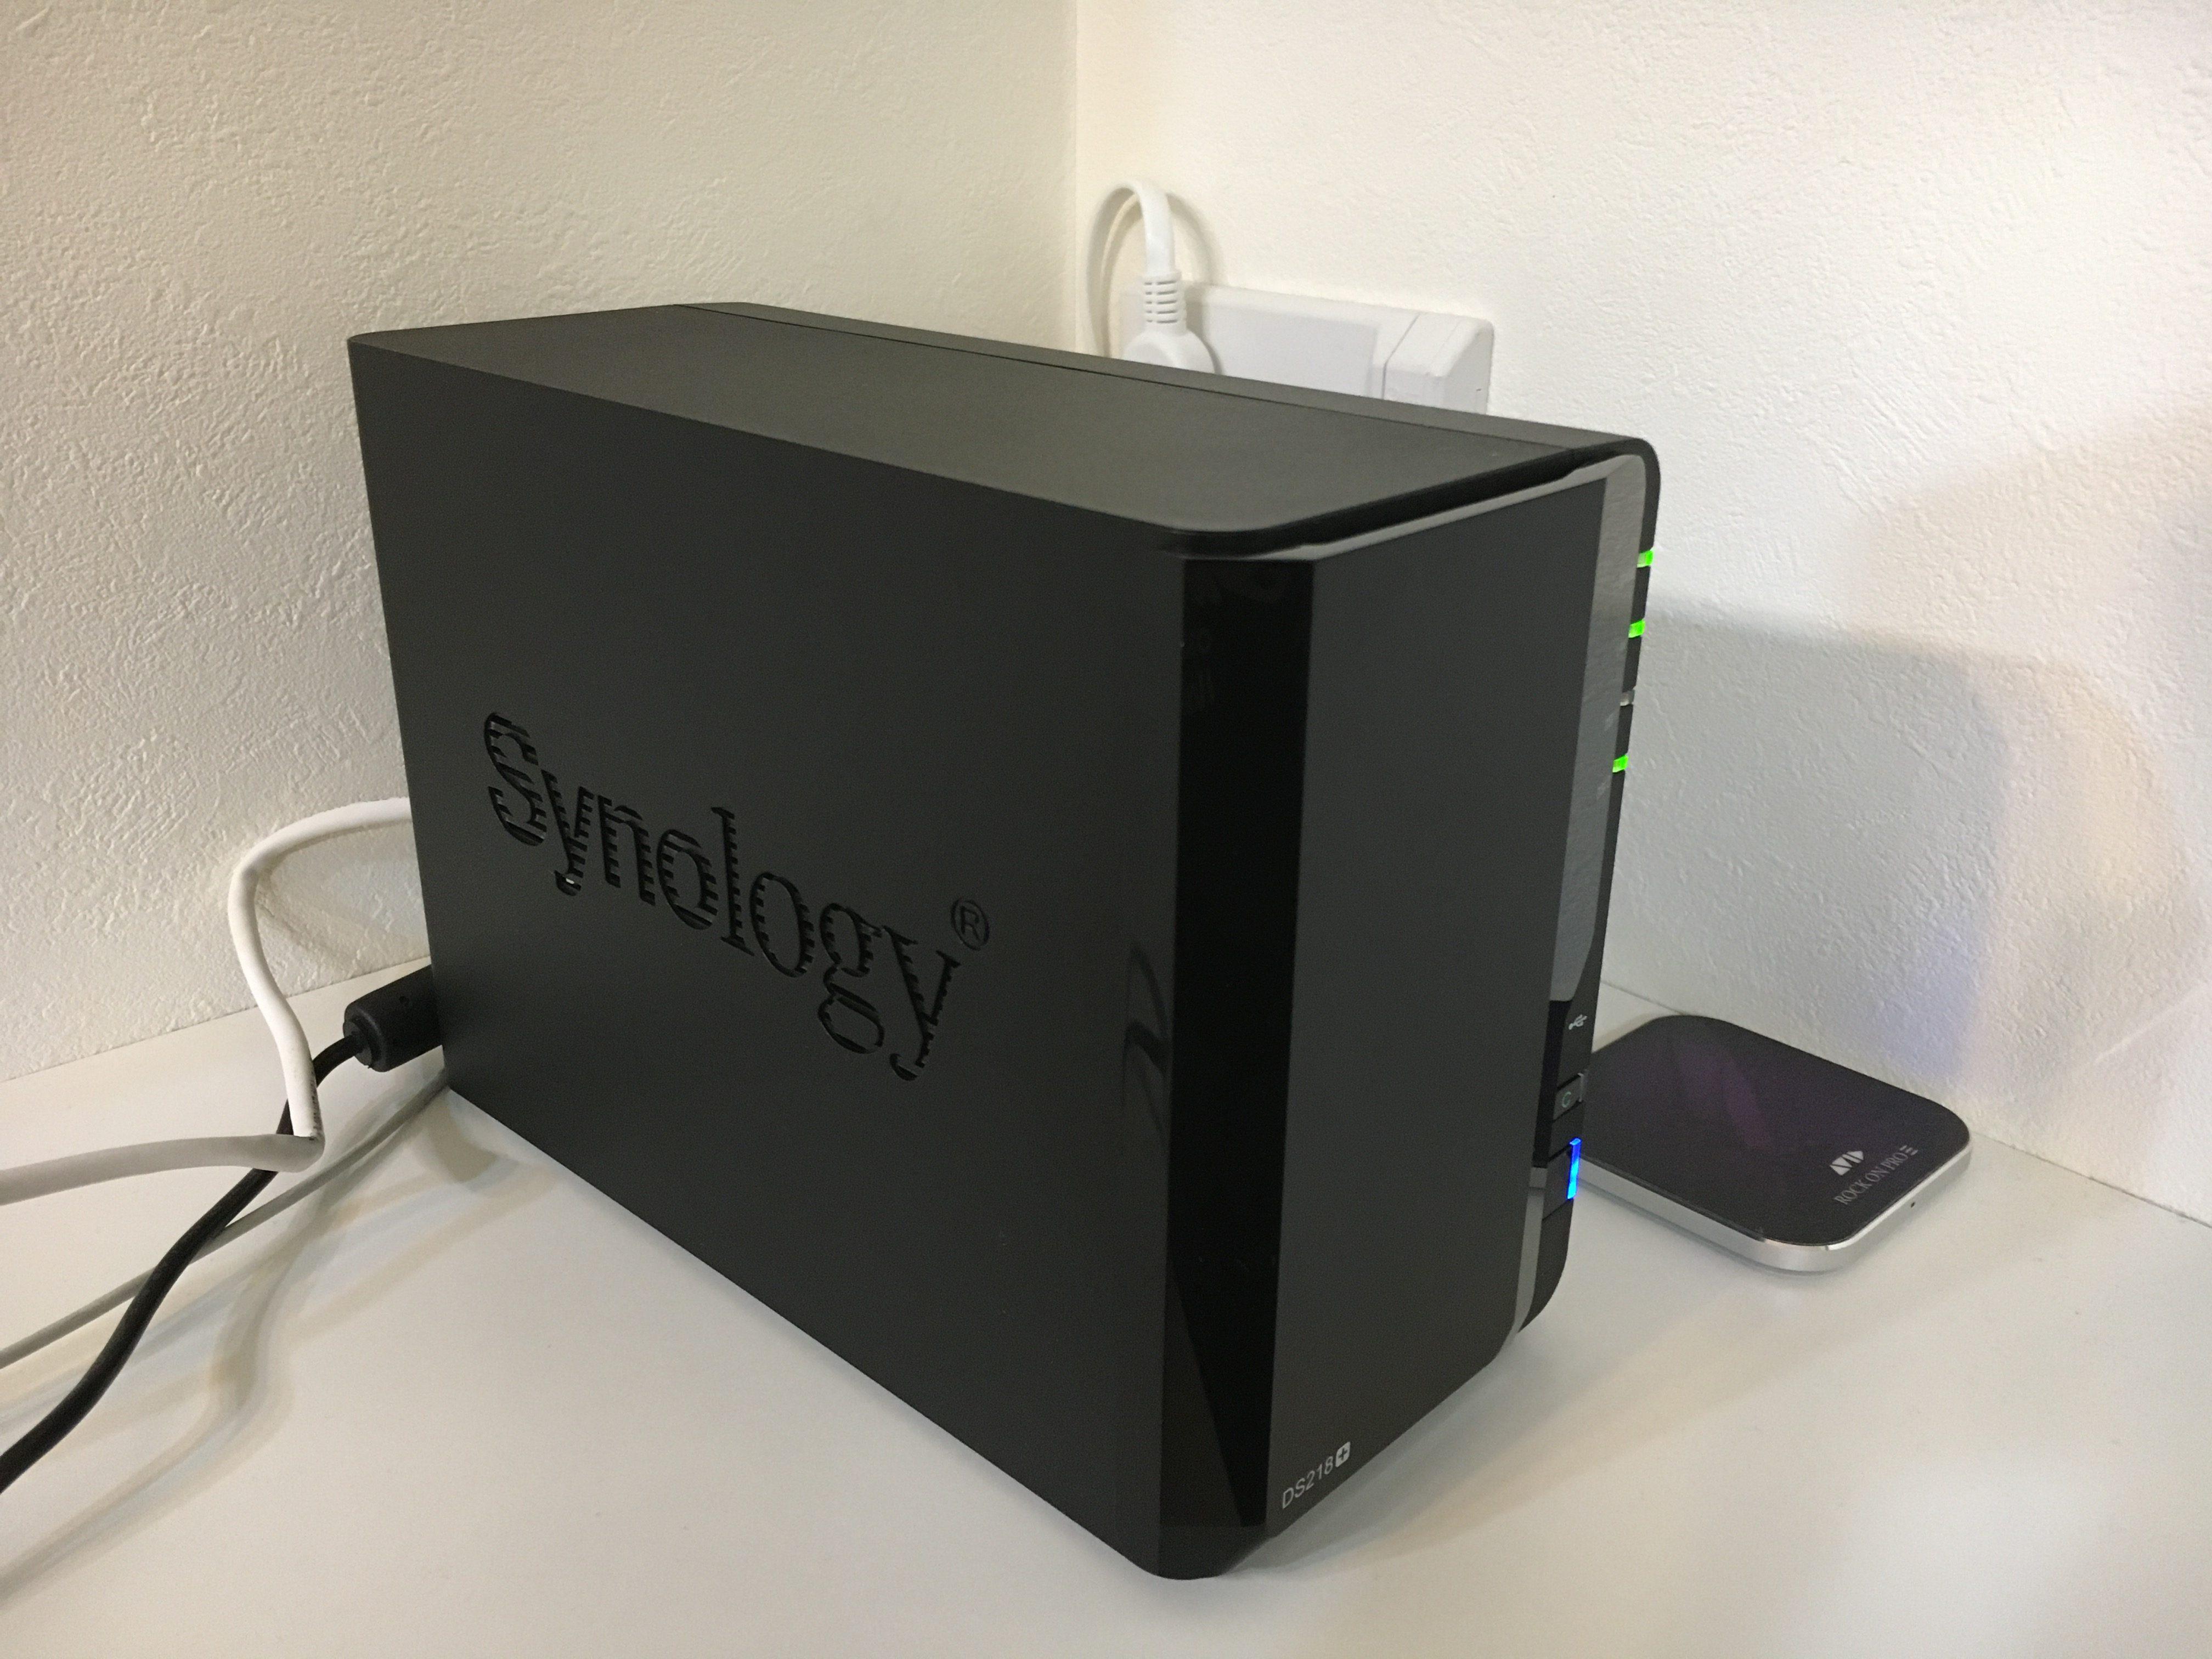 実はこんなに進んでた!ホームサーバーのイメージを変えるSynology ...